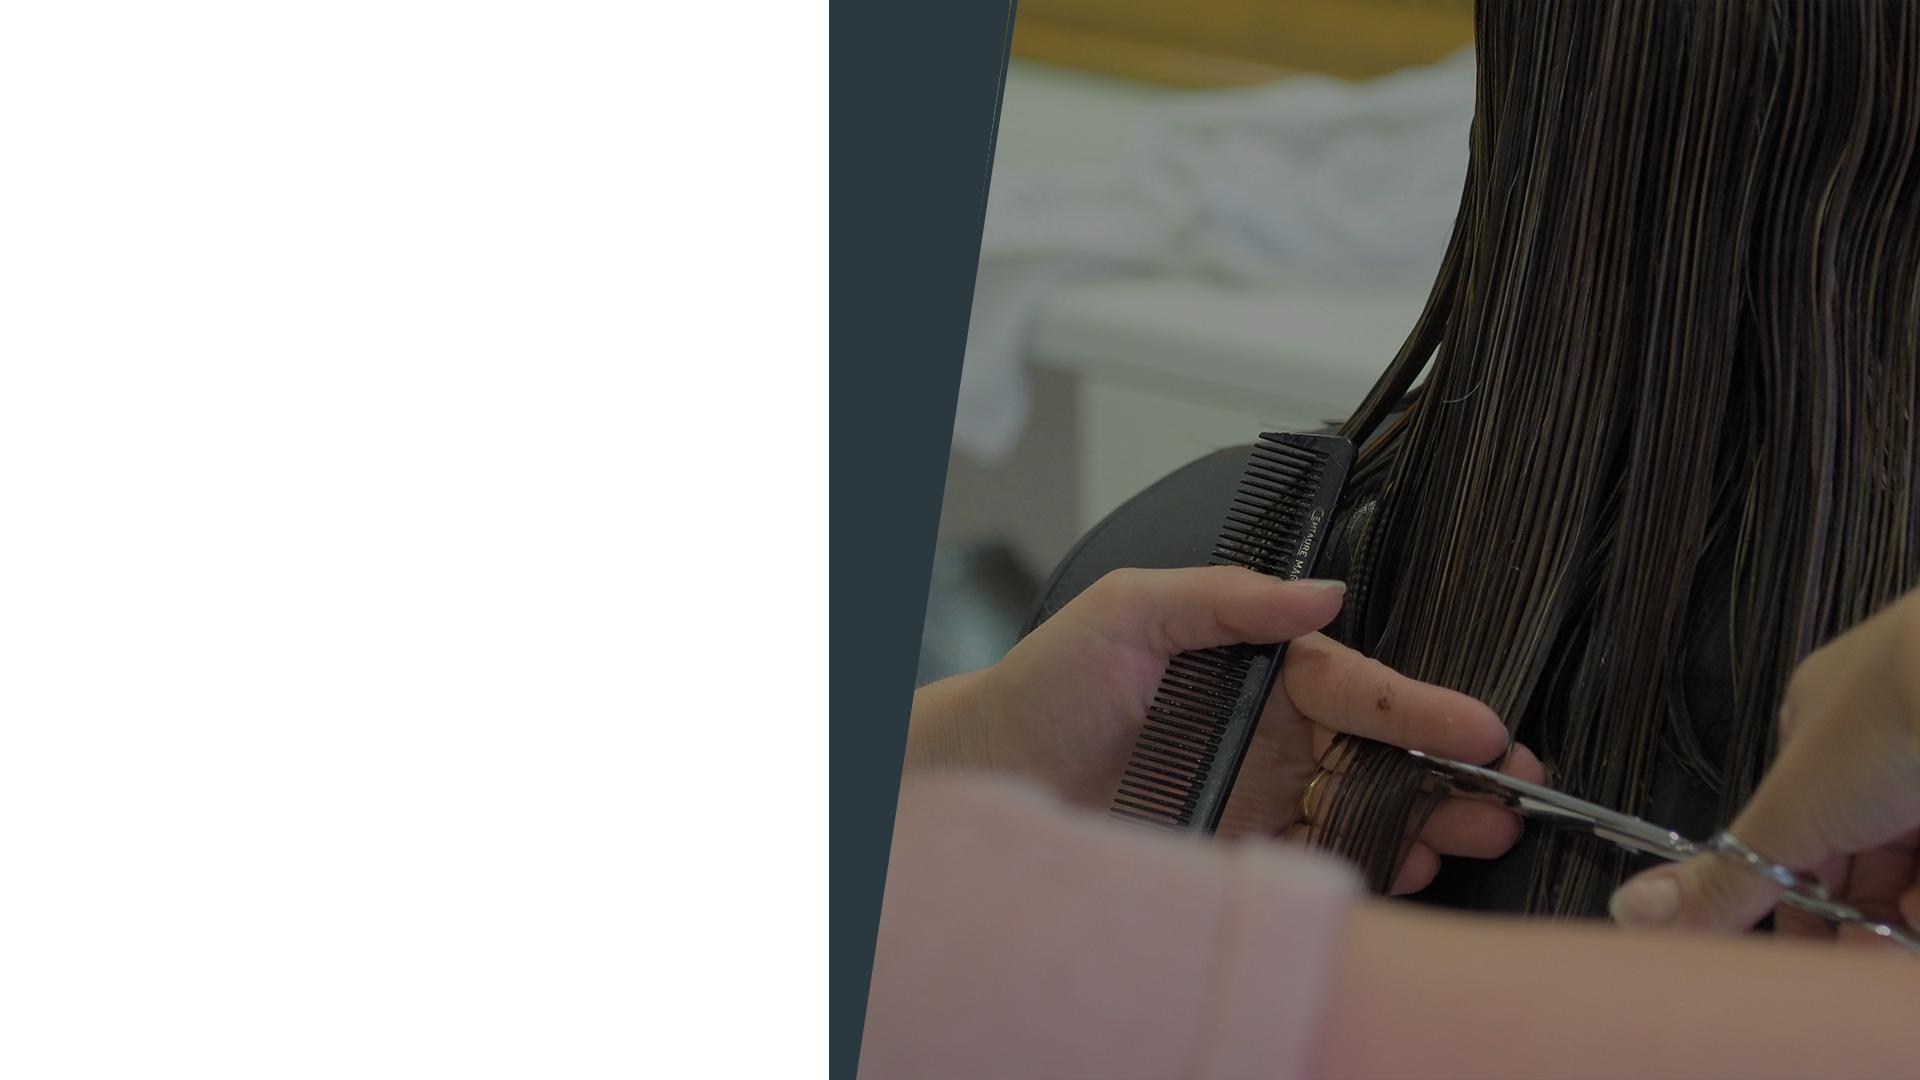 relooking mallemort-salon de coiffure mallemort-vetements pour femmes mallemort-coupe de cheveux mallemort-coiffeuse visagiste mallemort